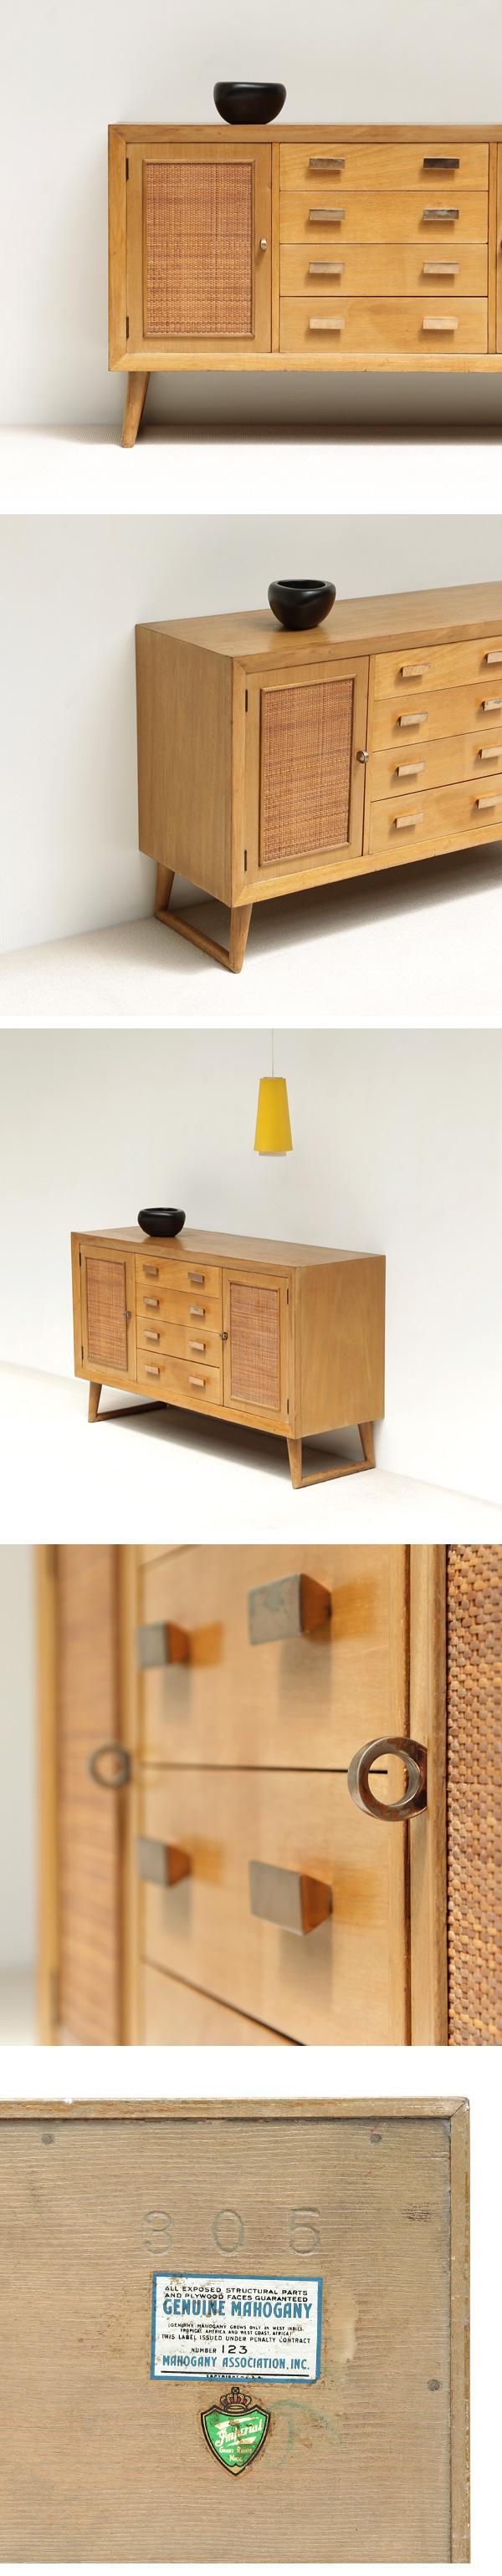 Imperial furniture - Grand Rapids Michigan Imperial Furniture Sideboard